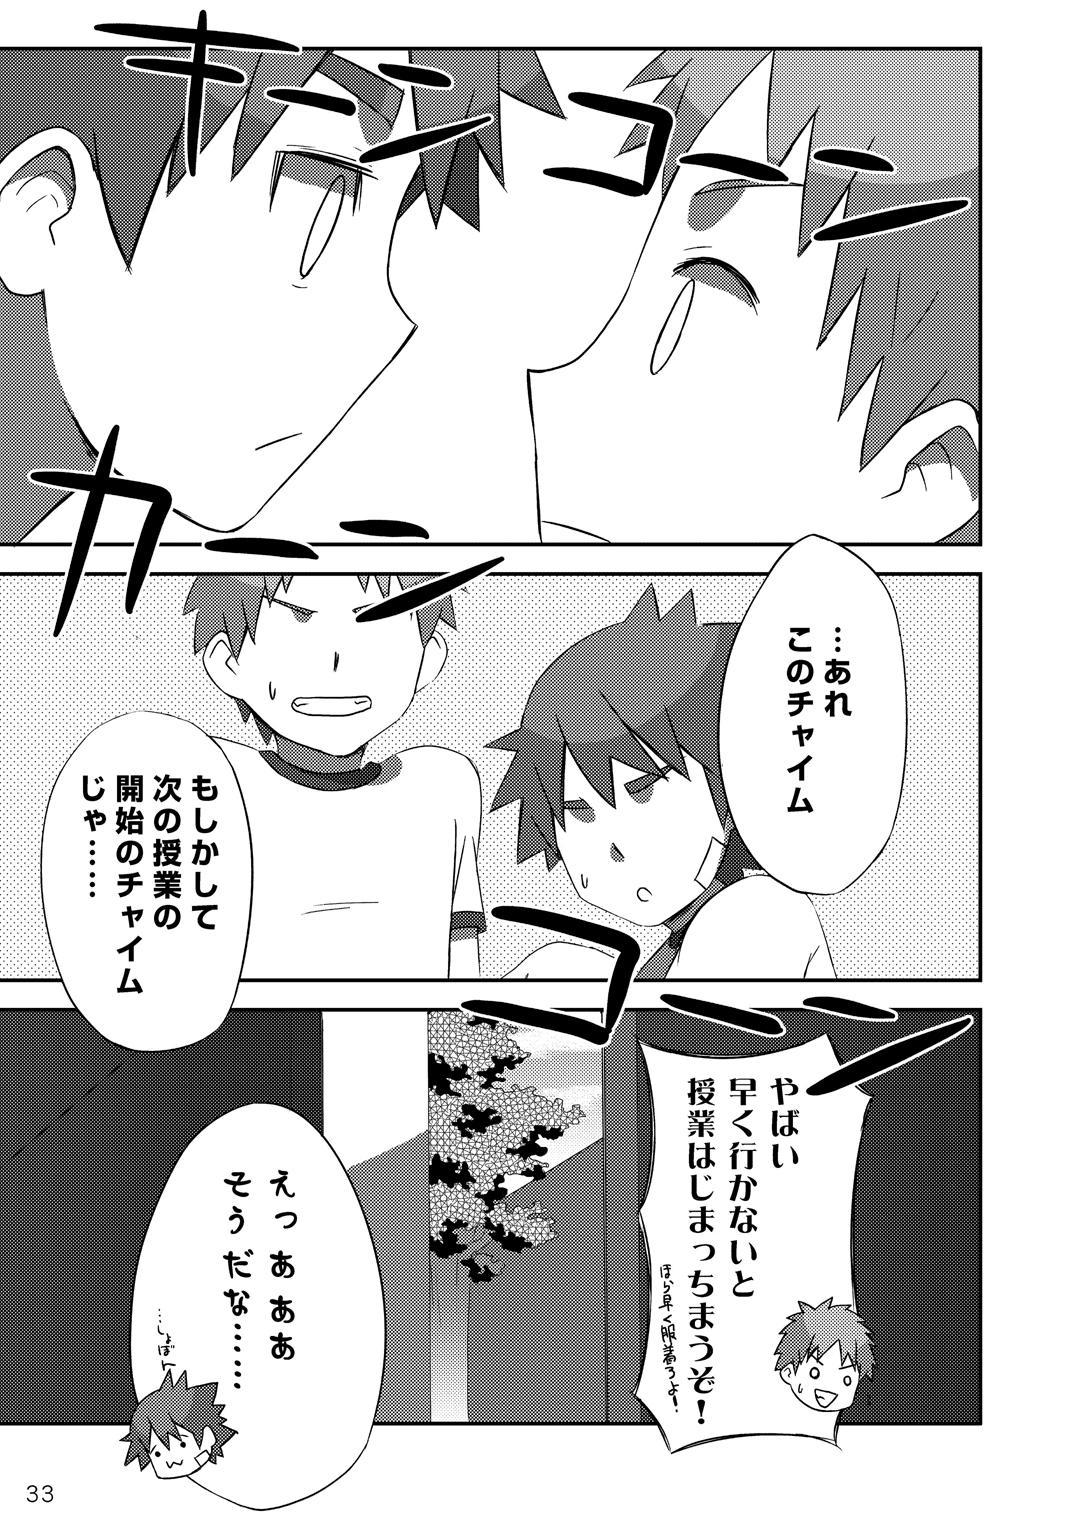 (Shota Scratch 18) [Drum-Kan (Kine)] Arashi-kun to Keiichi-kun. 32